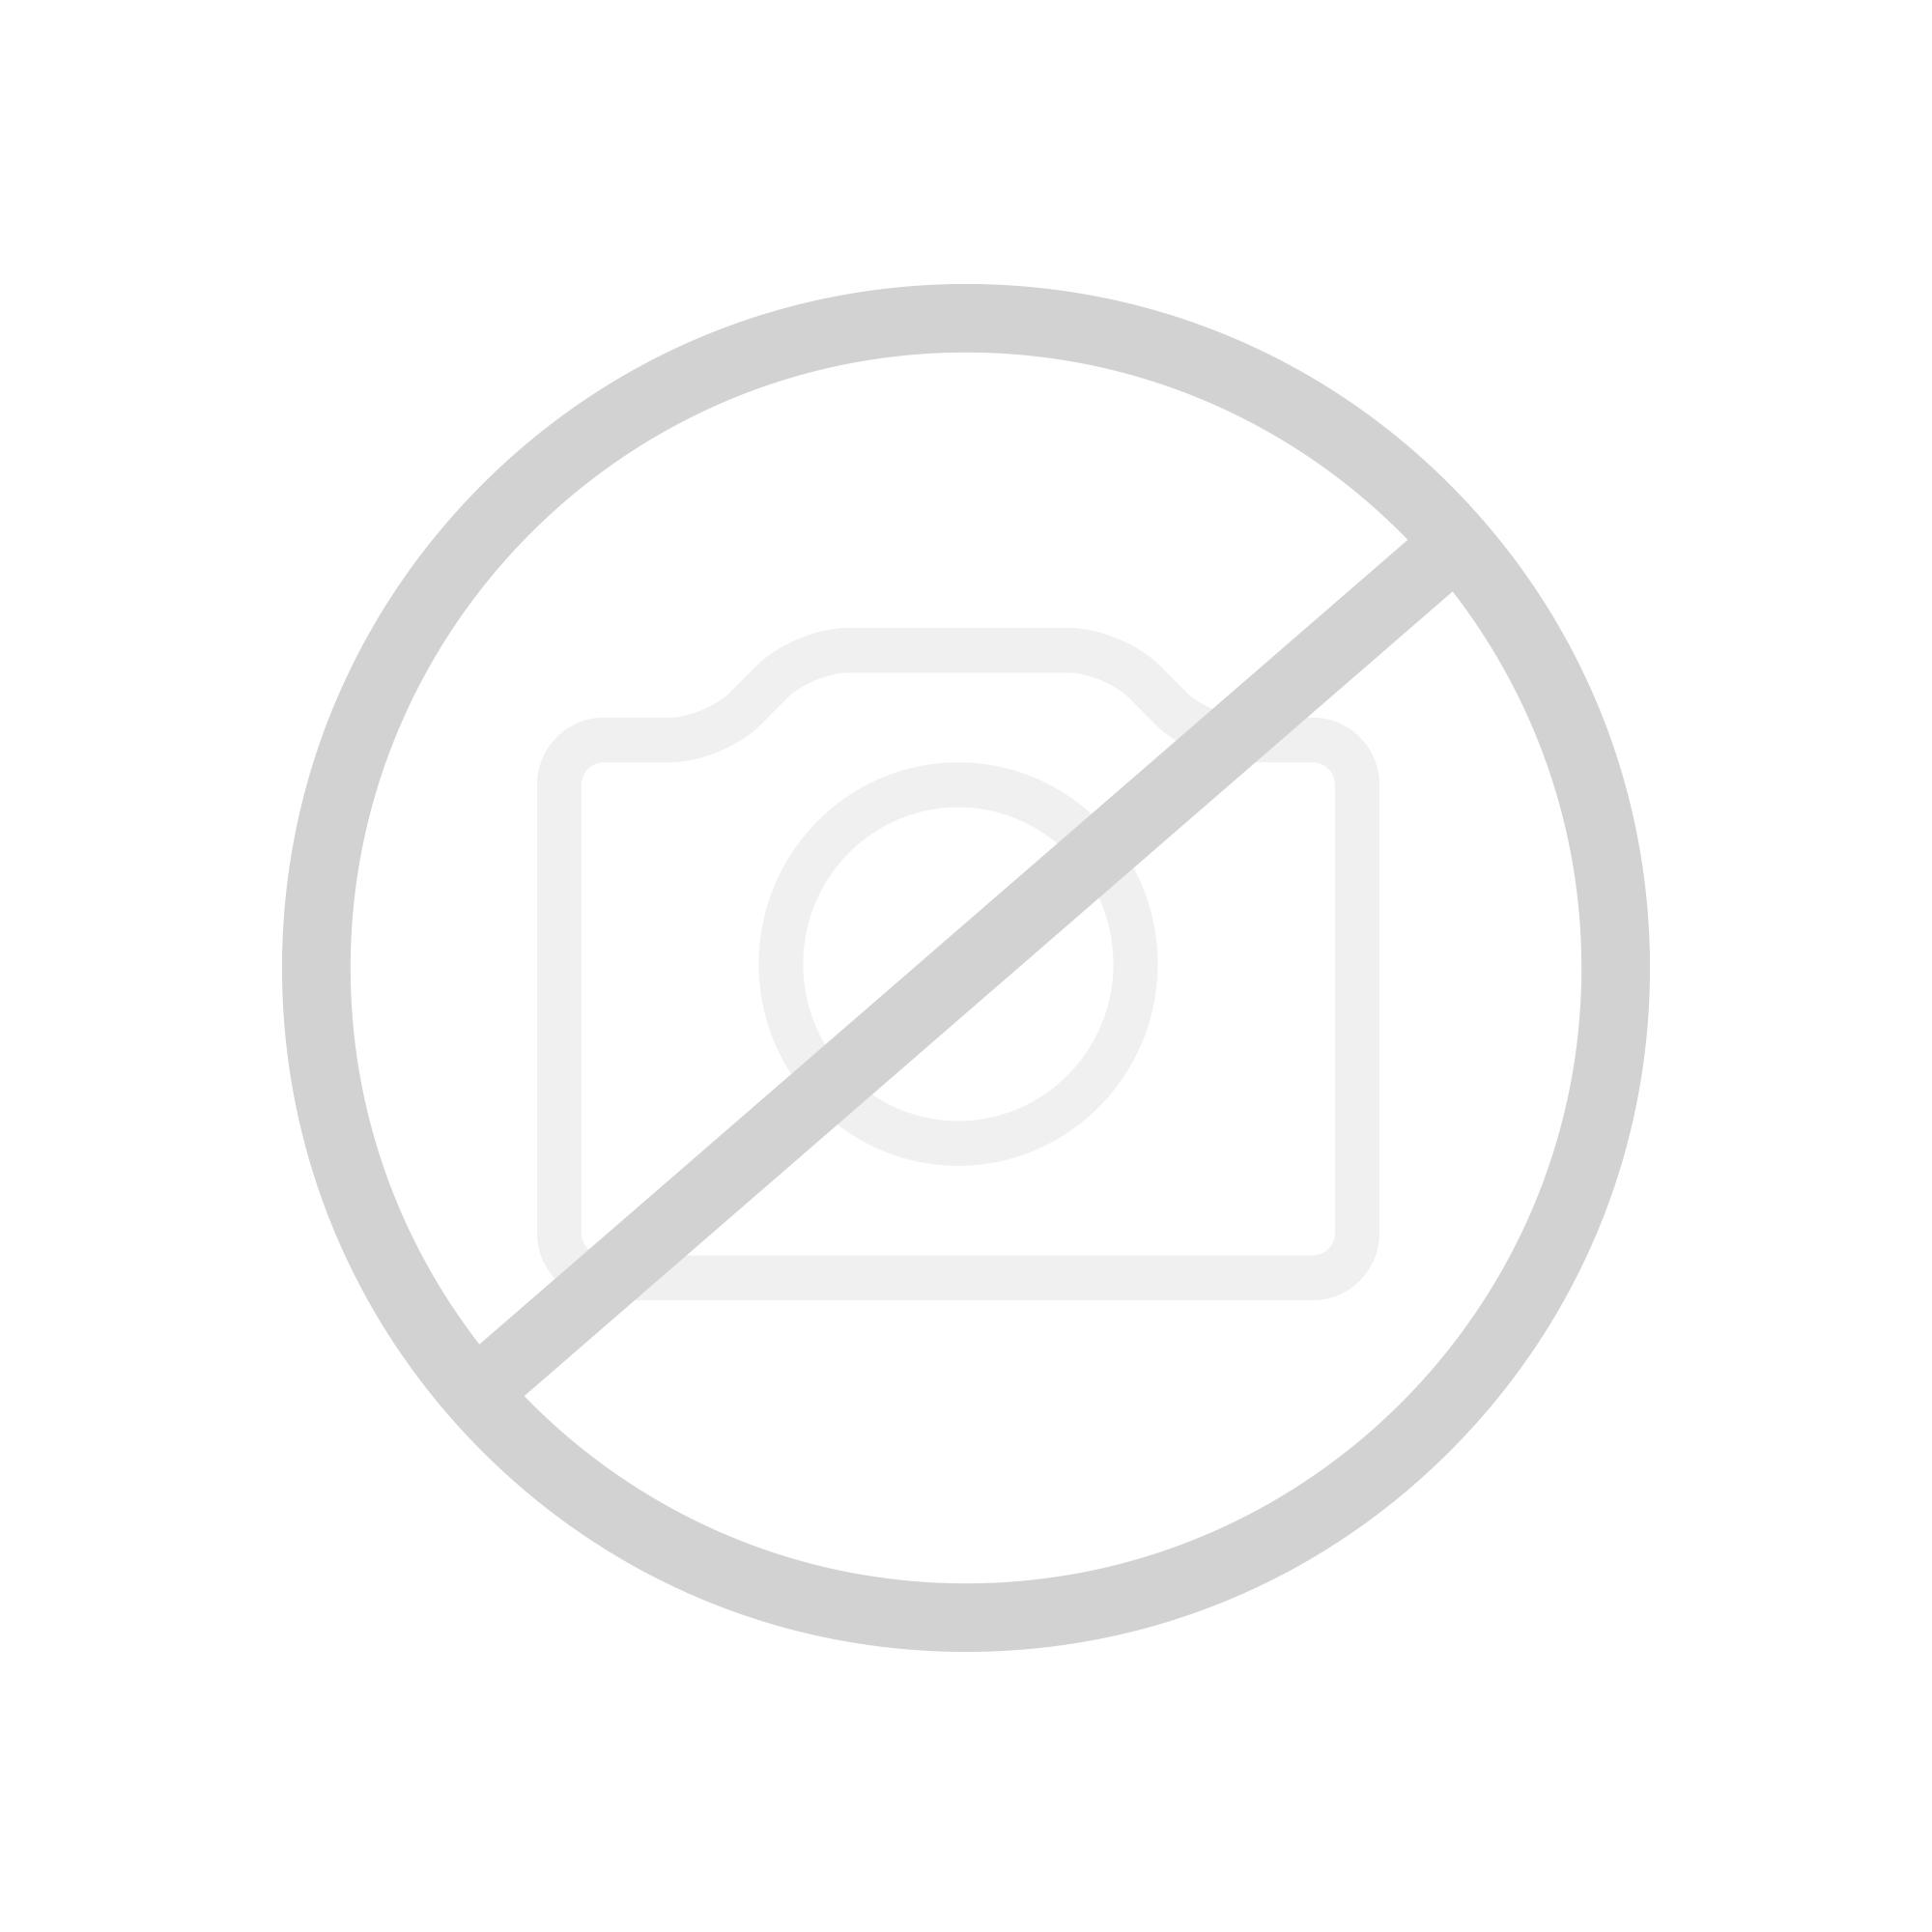 regendusche kaufen ratgeber kaufberatung bei reuter - Regenwalddusche Unterputz